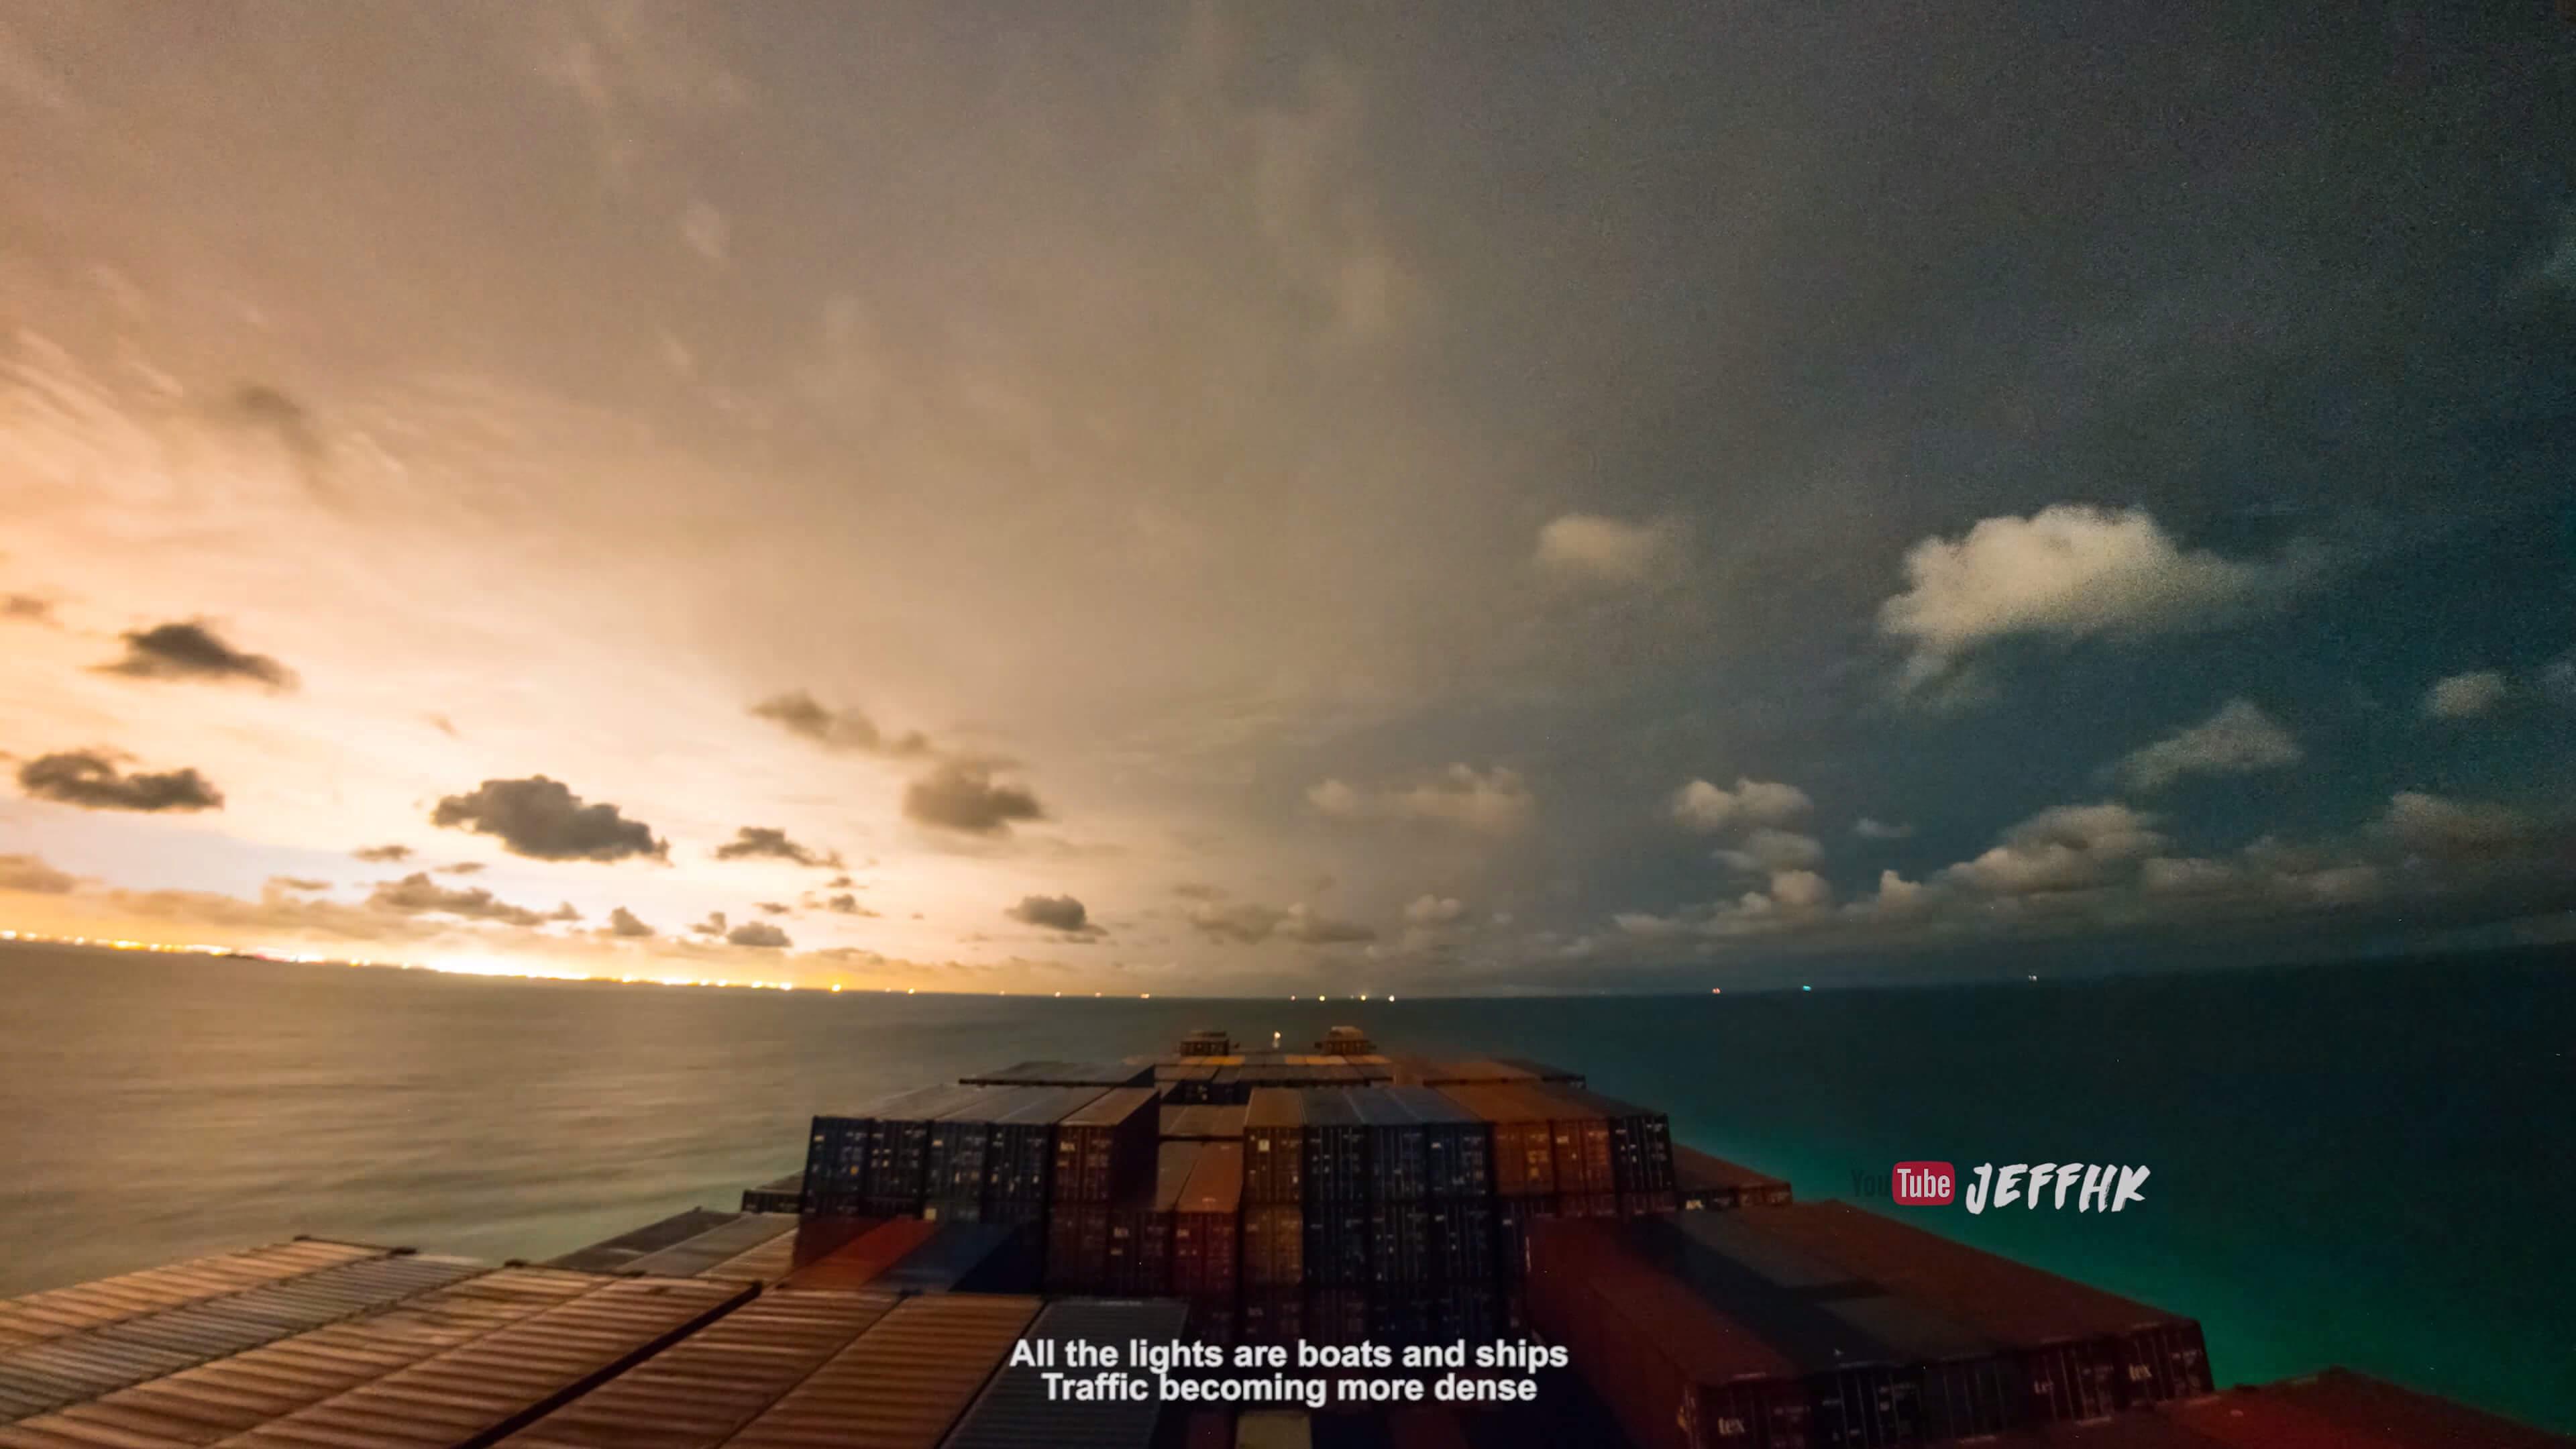 コンテナ船から見える30日を10分に収めた美しい4Kタイムラプス映像